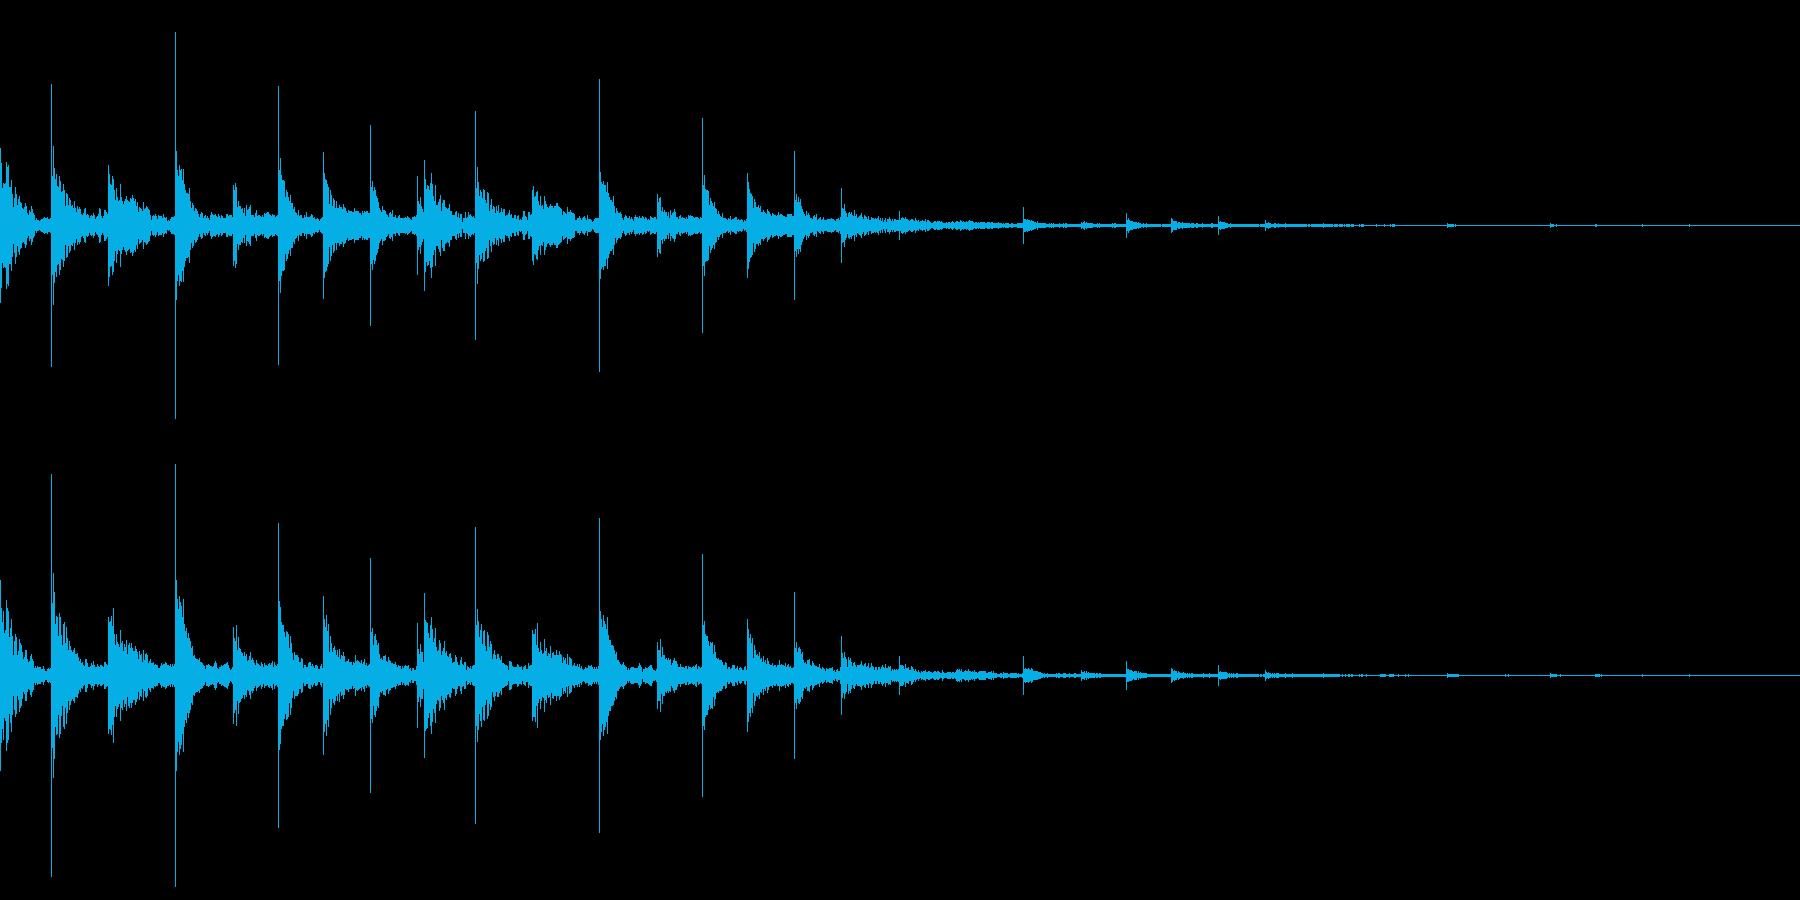 ディレイがかかったフレクサトーンの再生済みの波形